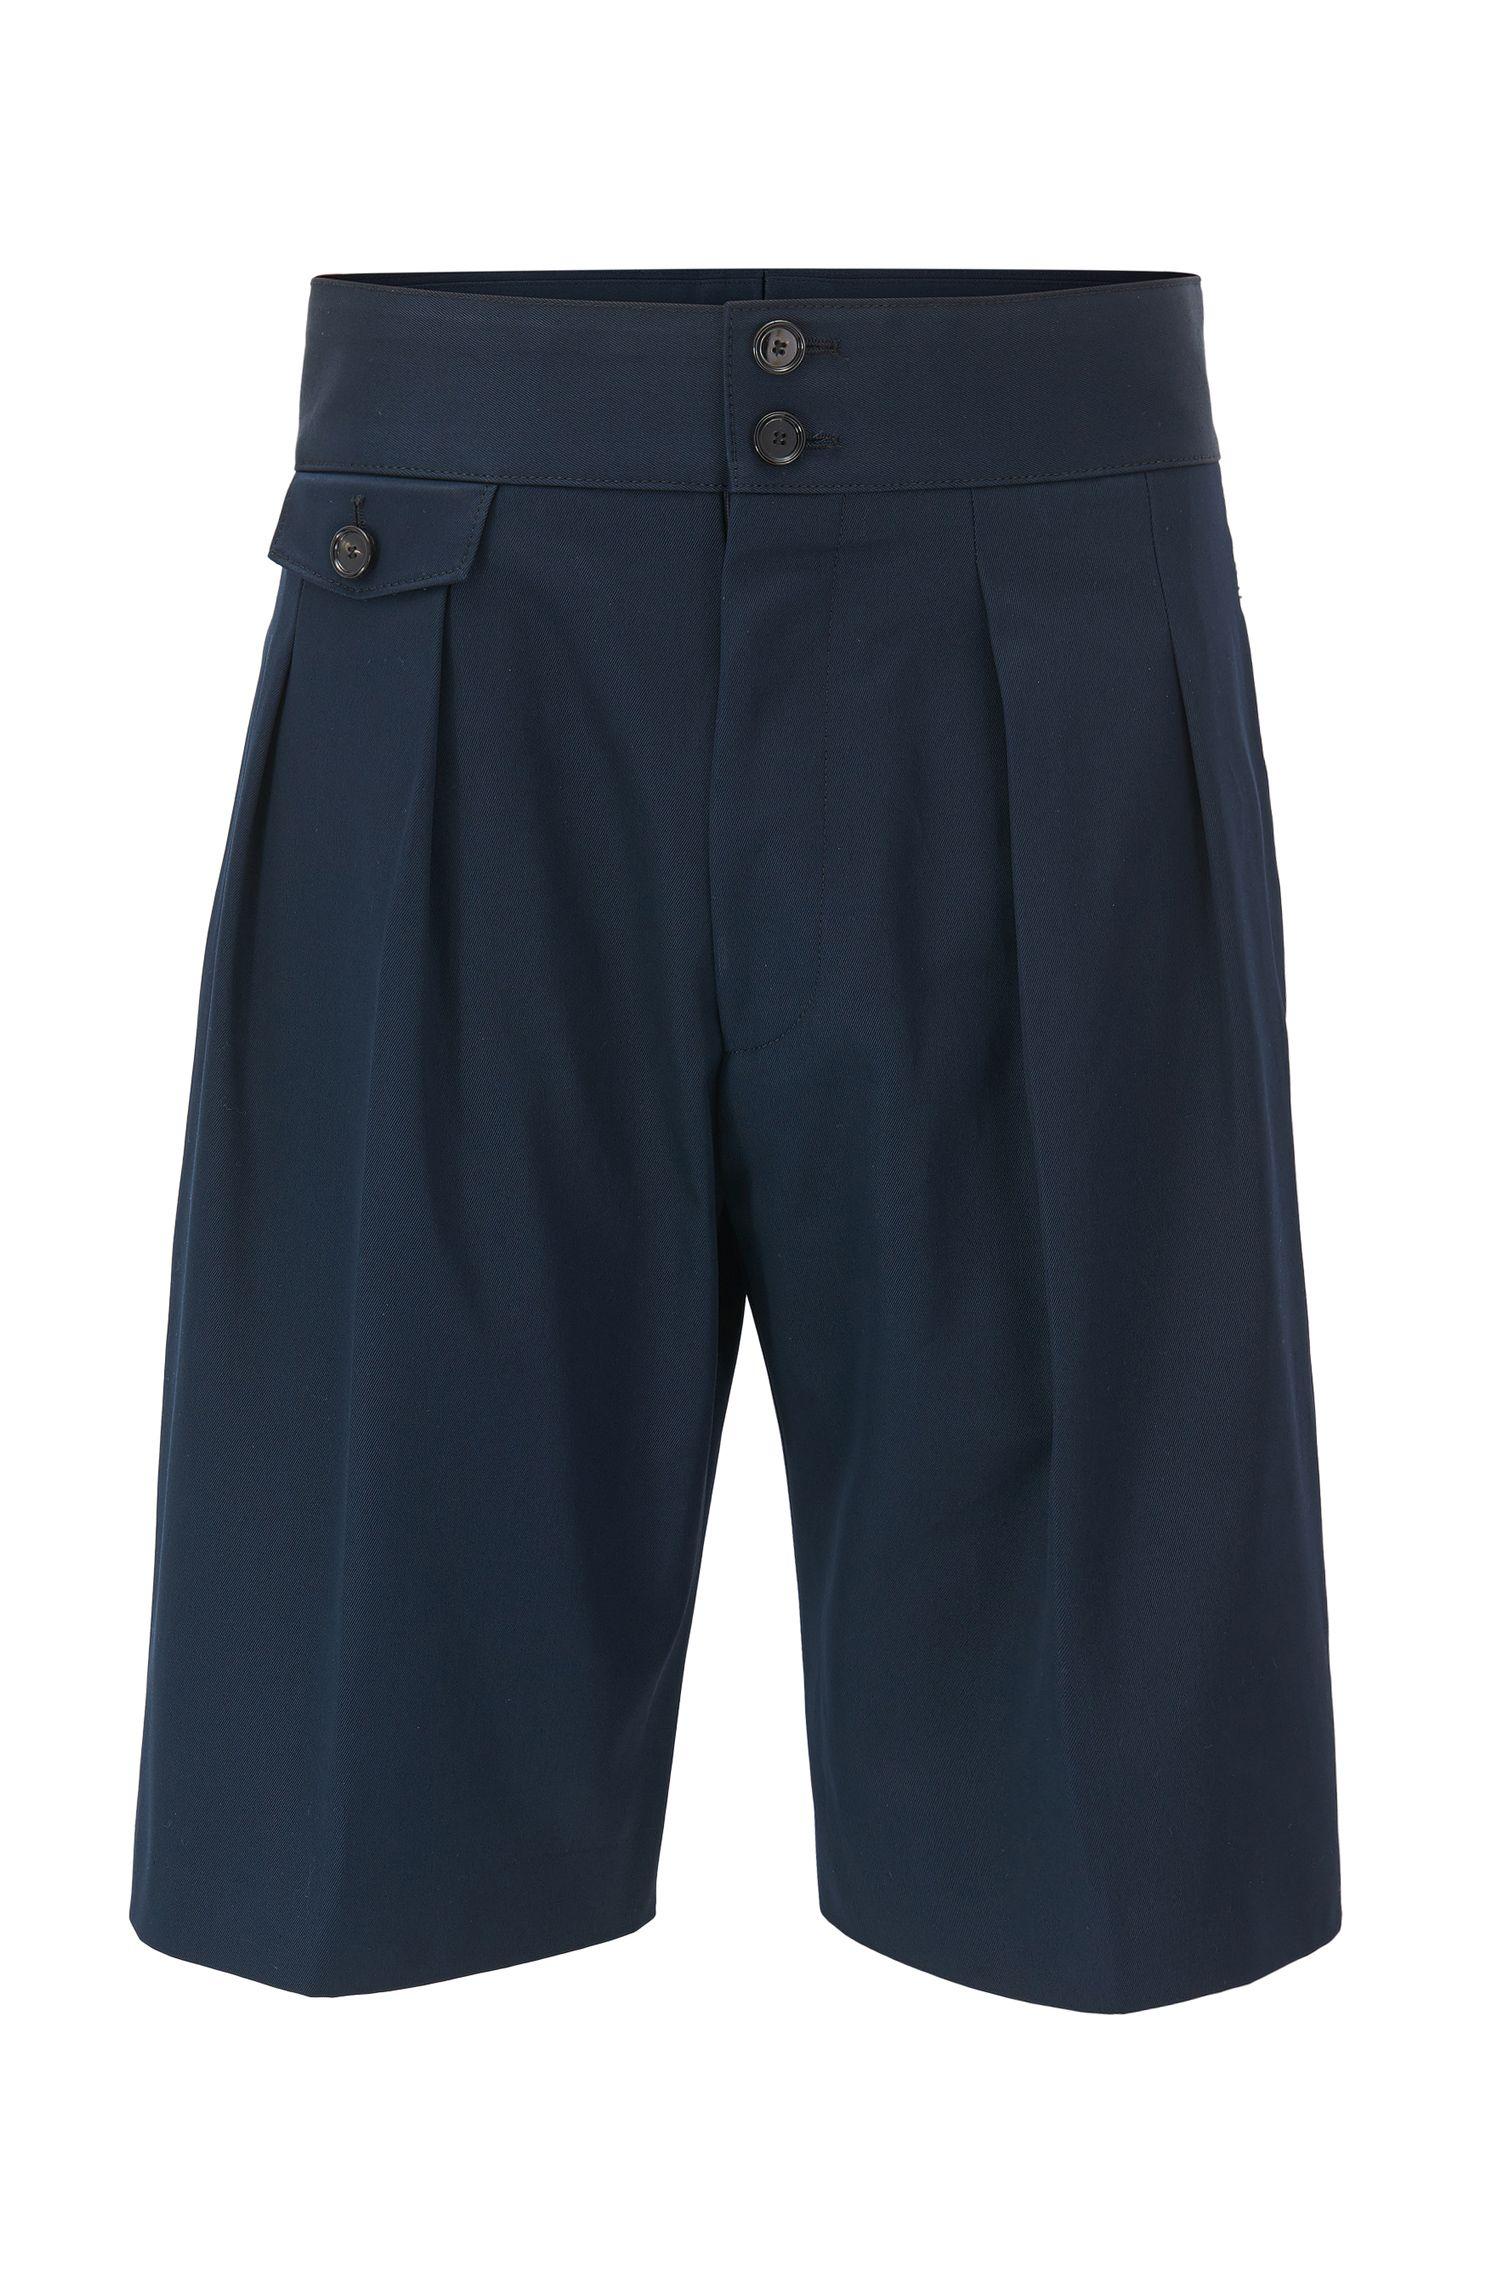 Bundfalten-Shorts aus Baumwolle mit hohem Bund aus der Runway Edition